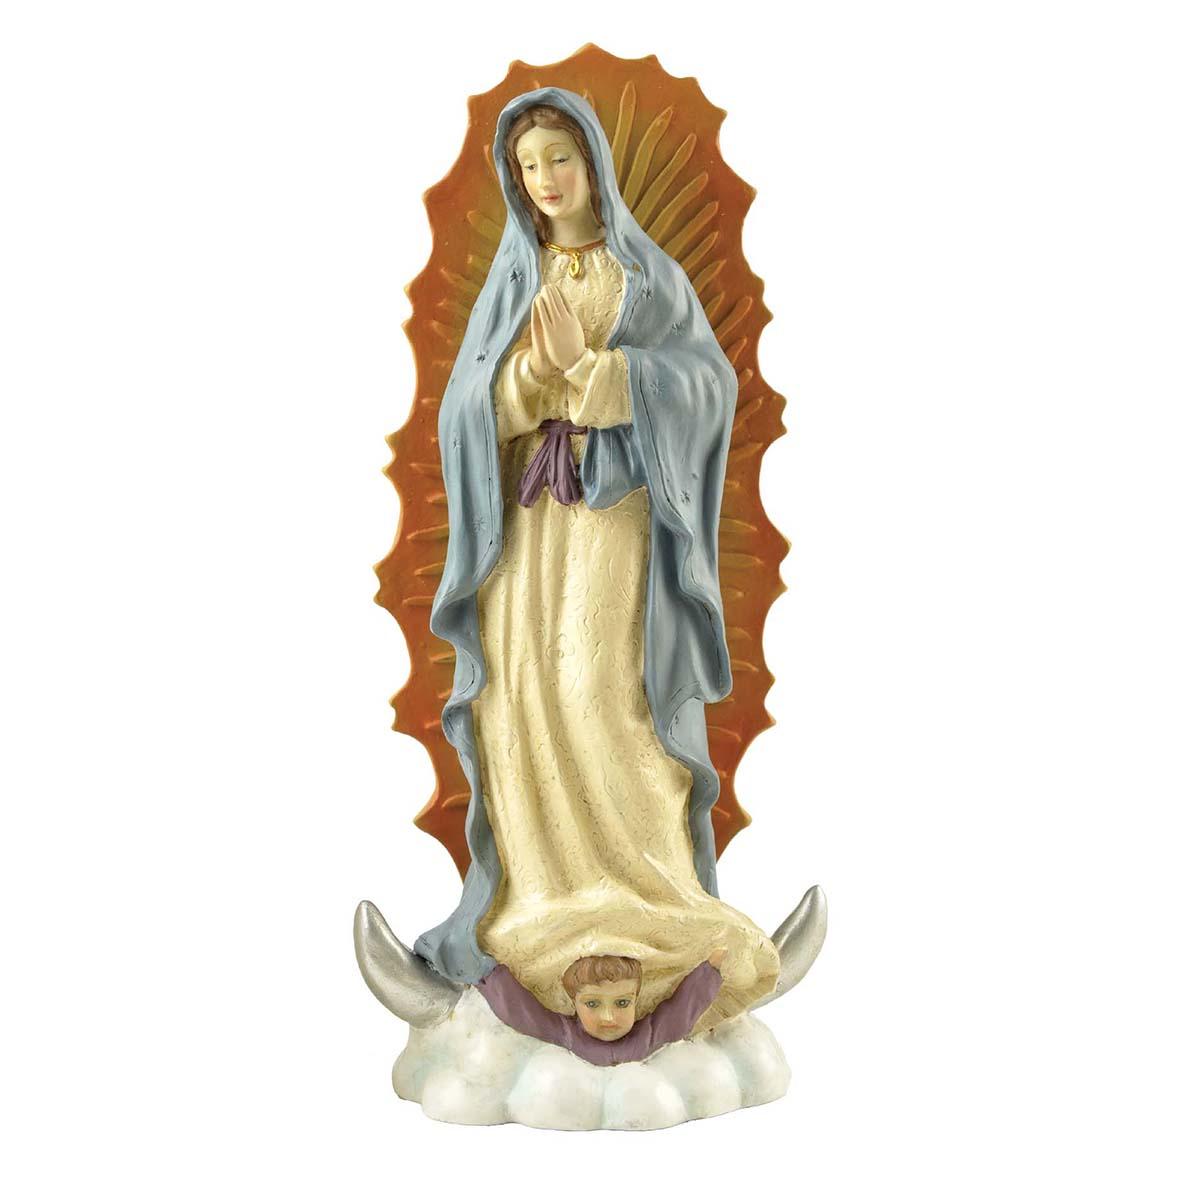 wholesale nativity set figurines catholic popular holy gift-1